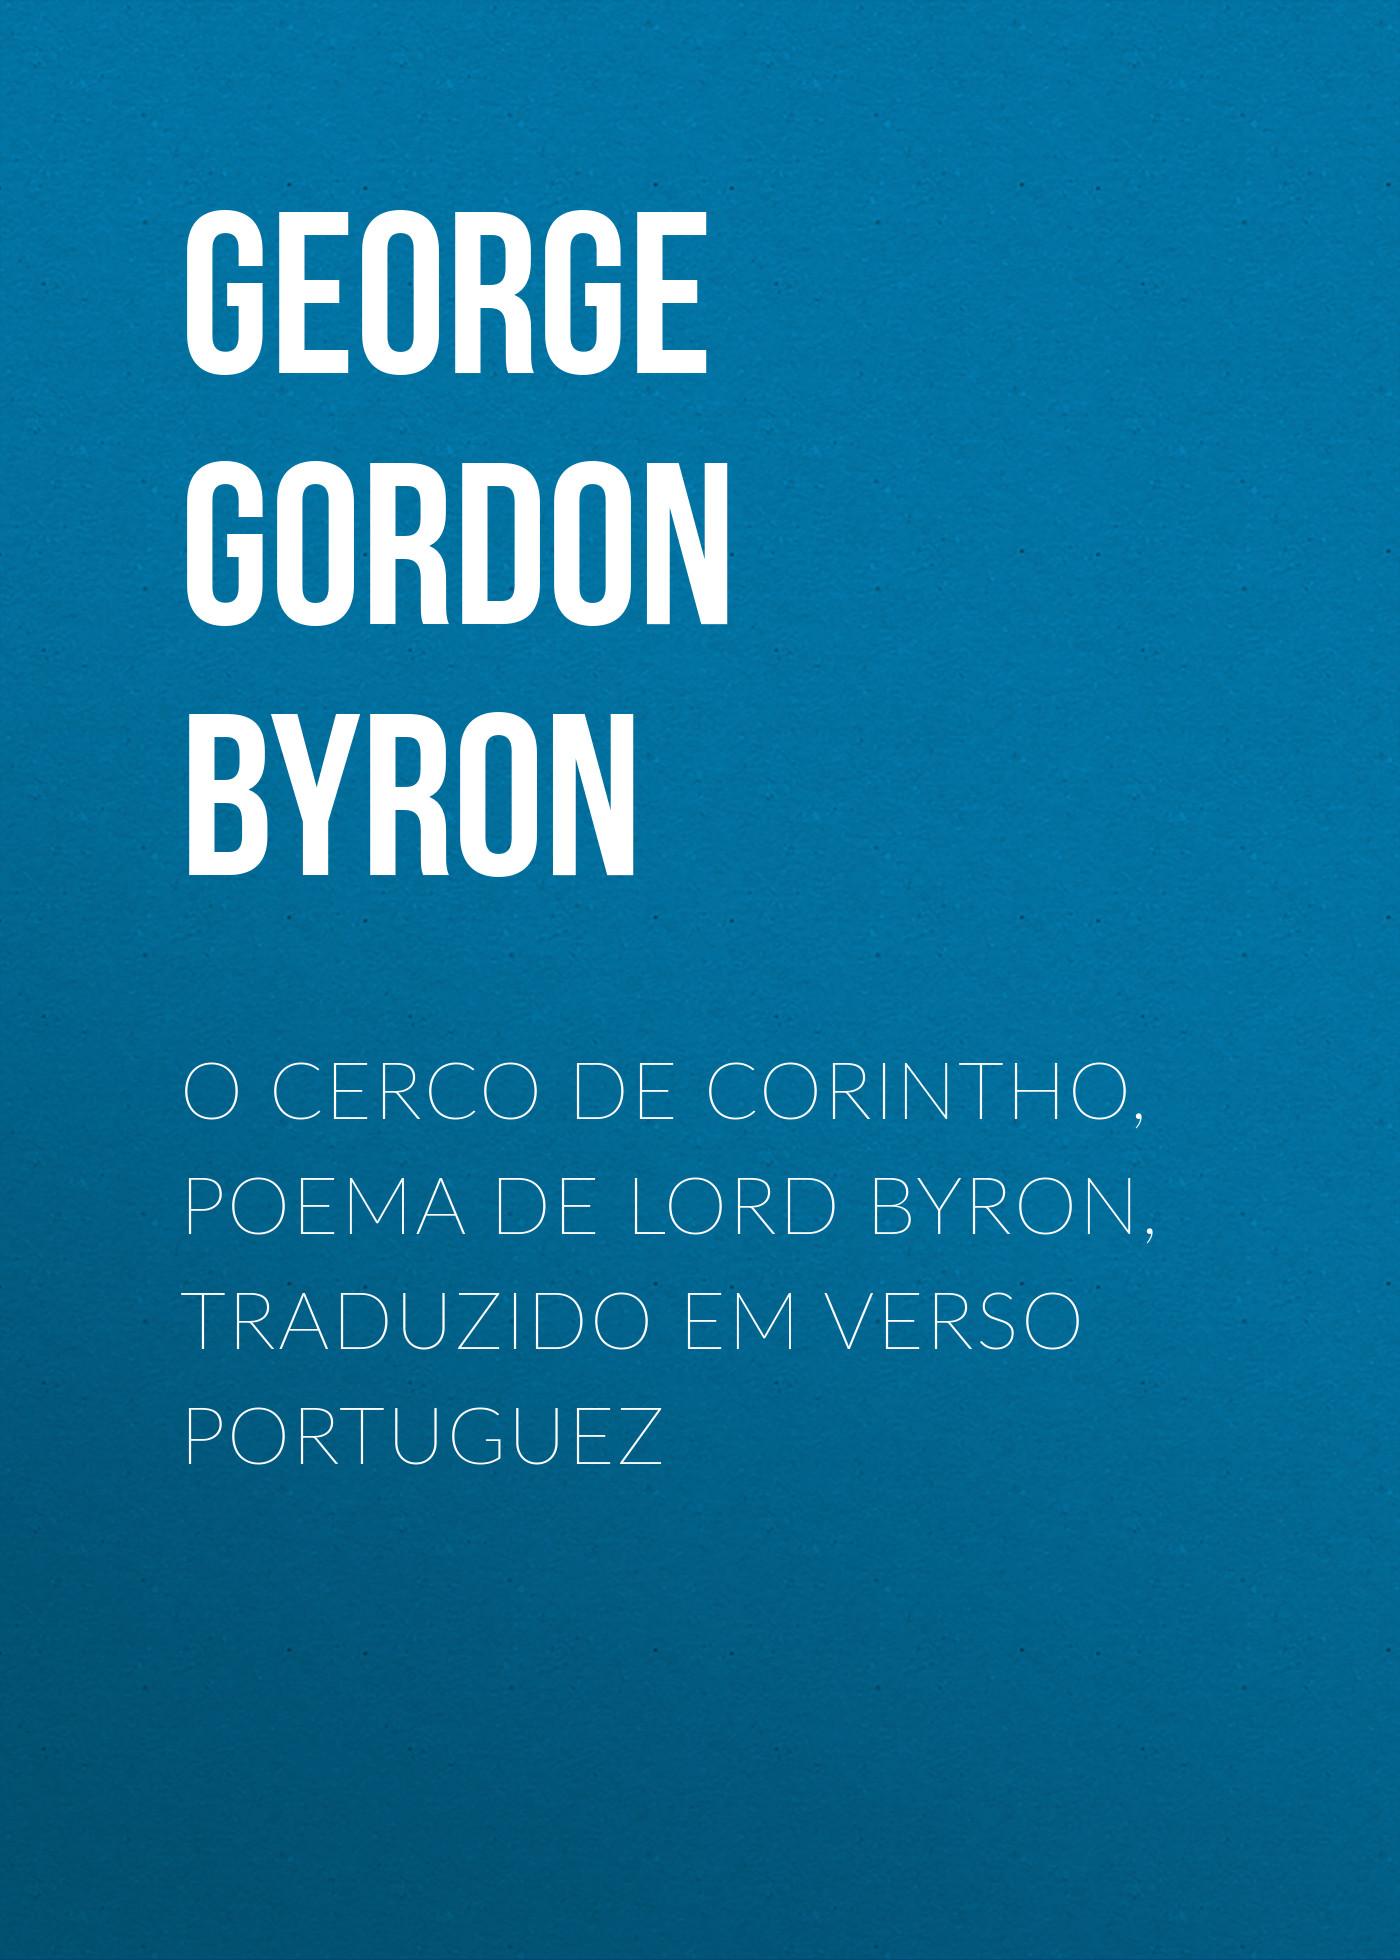 Джордж Гордон Байрон O Cerco de Corintho, poema de Lord Byron, traduzido em verso portuguez braga guilherme o bispo nova heresia em verso